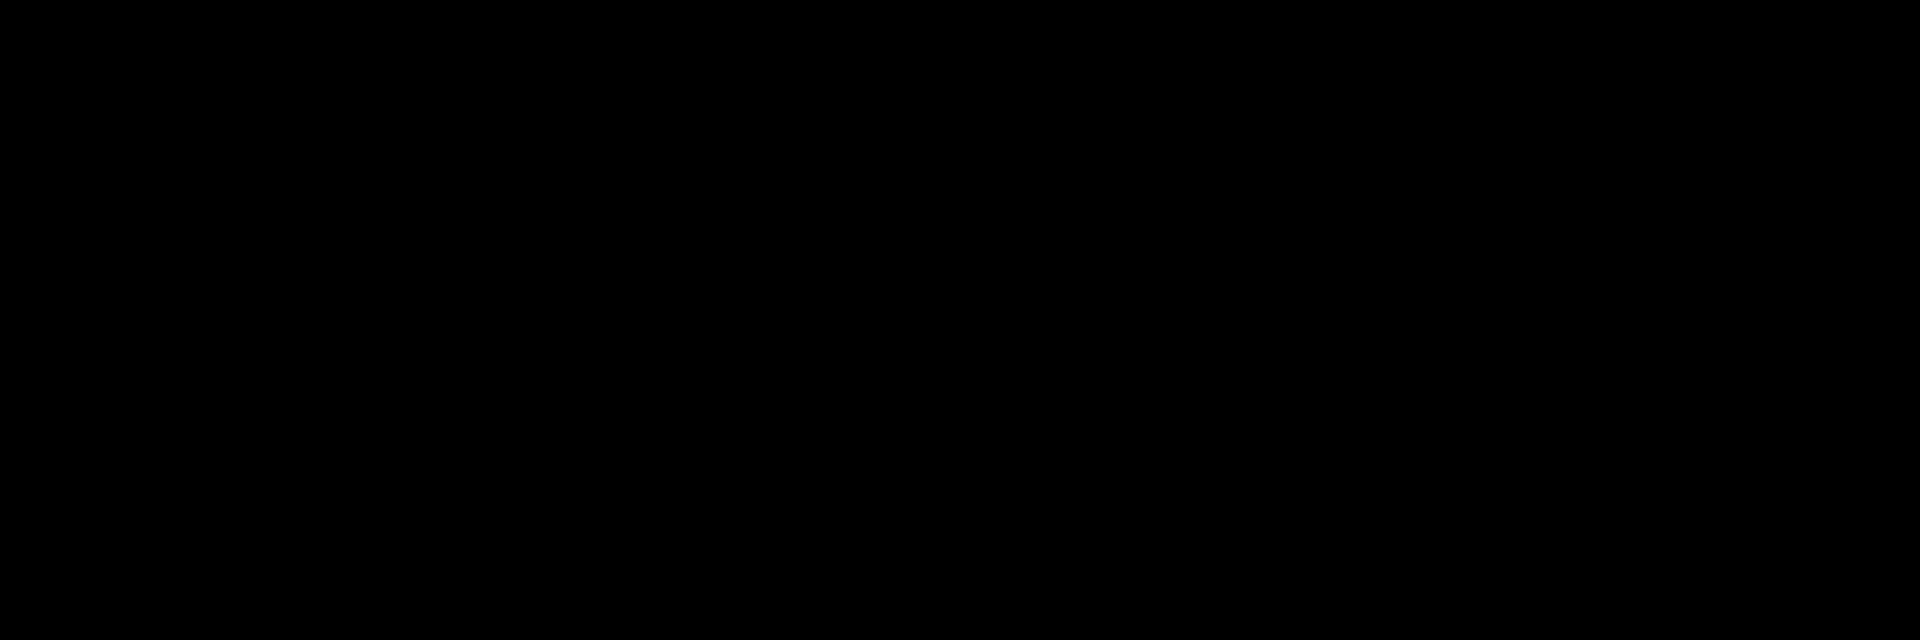 20160507-134233-WWBy-C46A3656